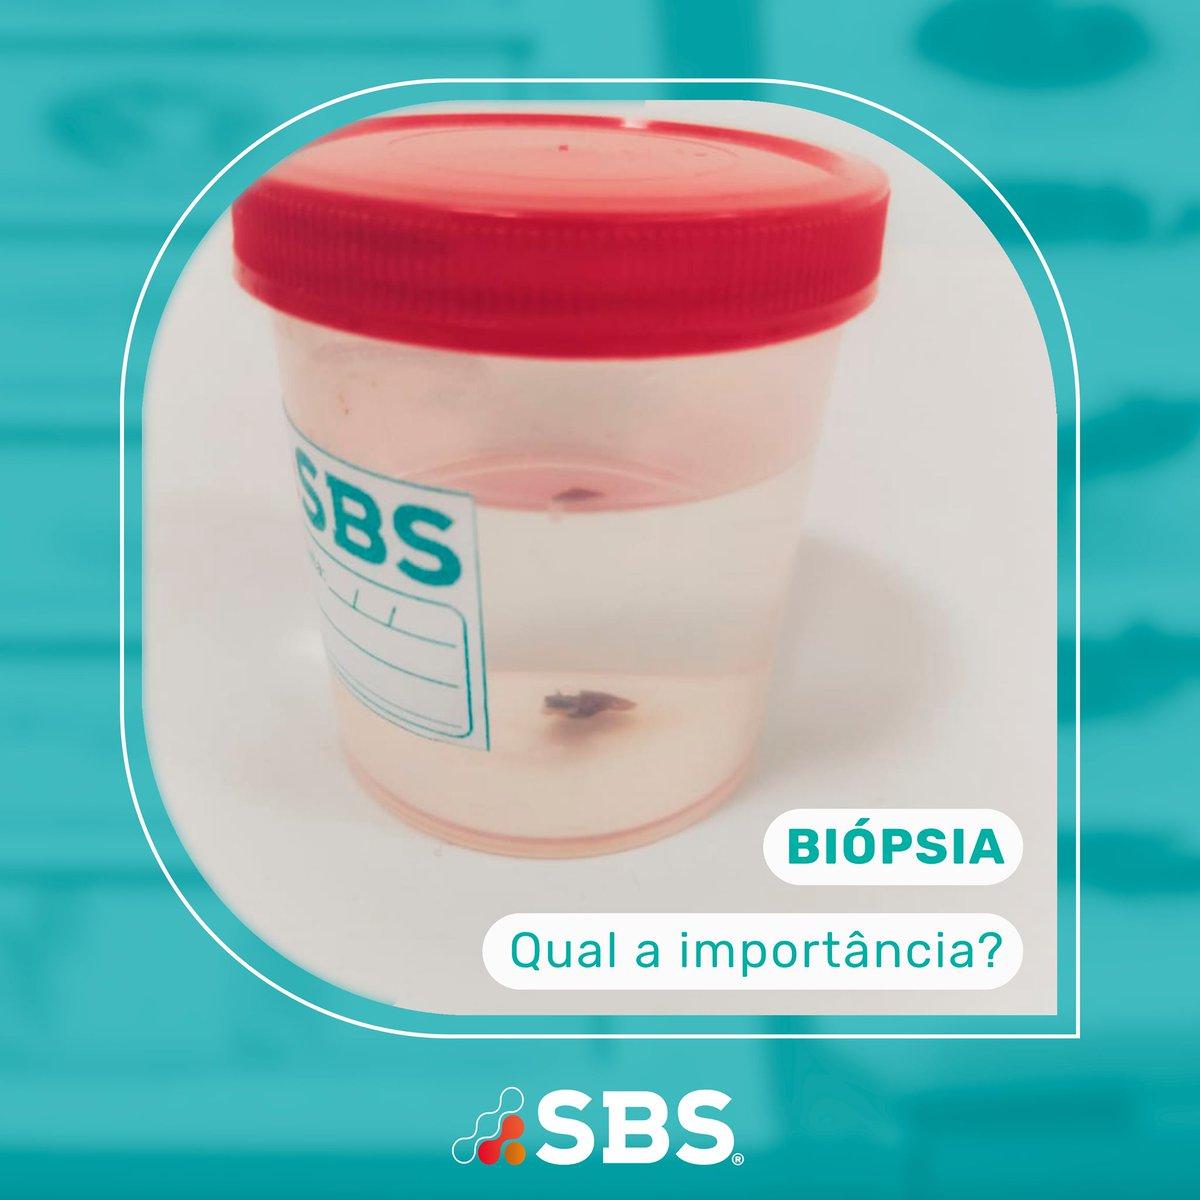 Biópsia é a retirada de um pequeno fragmento de tecido para diagnóstico histopatológico. Pode ser realizada de lesões de pele, nódulos, vísceras e ossos. Consiste uma importância ferramenta para avaliar possíveis neoplasias e seu prognóstico.  #histopatologia #biopsia #neoplasia https://t.co/YMKEm0IkRb